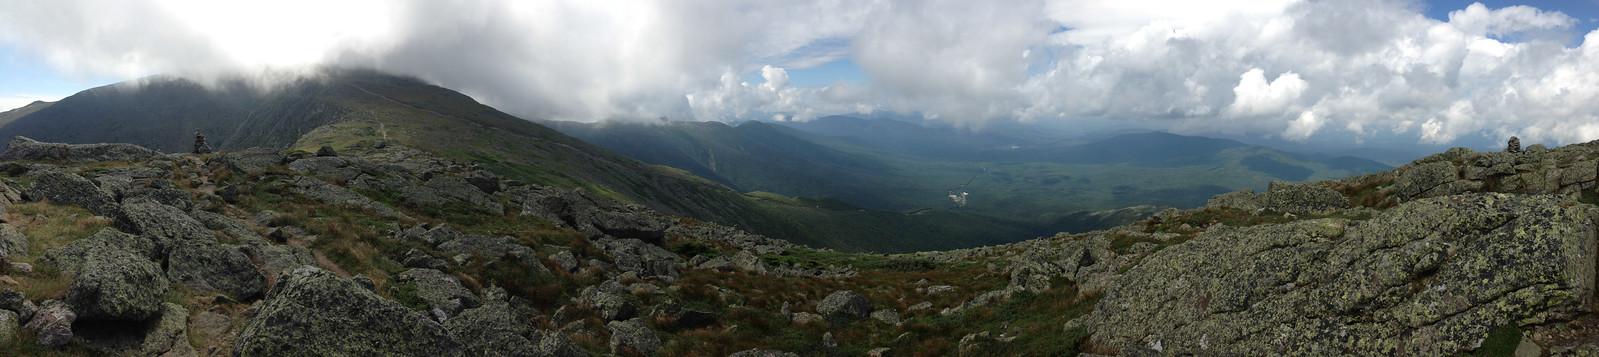 Gulfside trail panorama